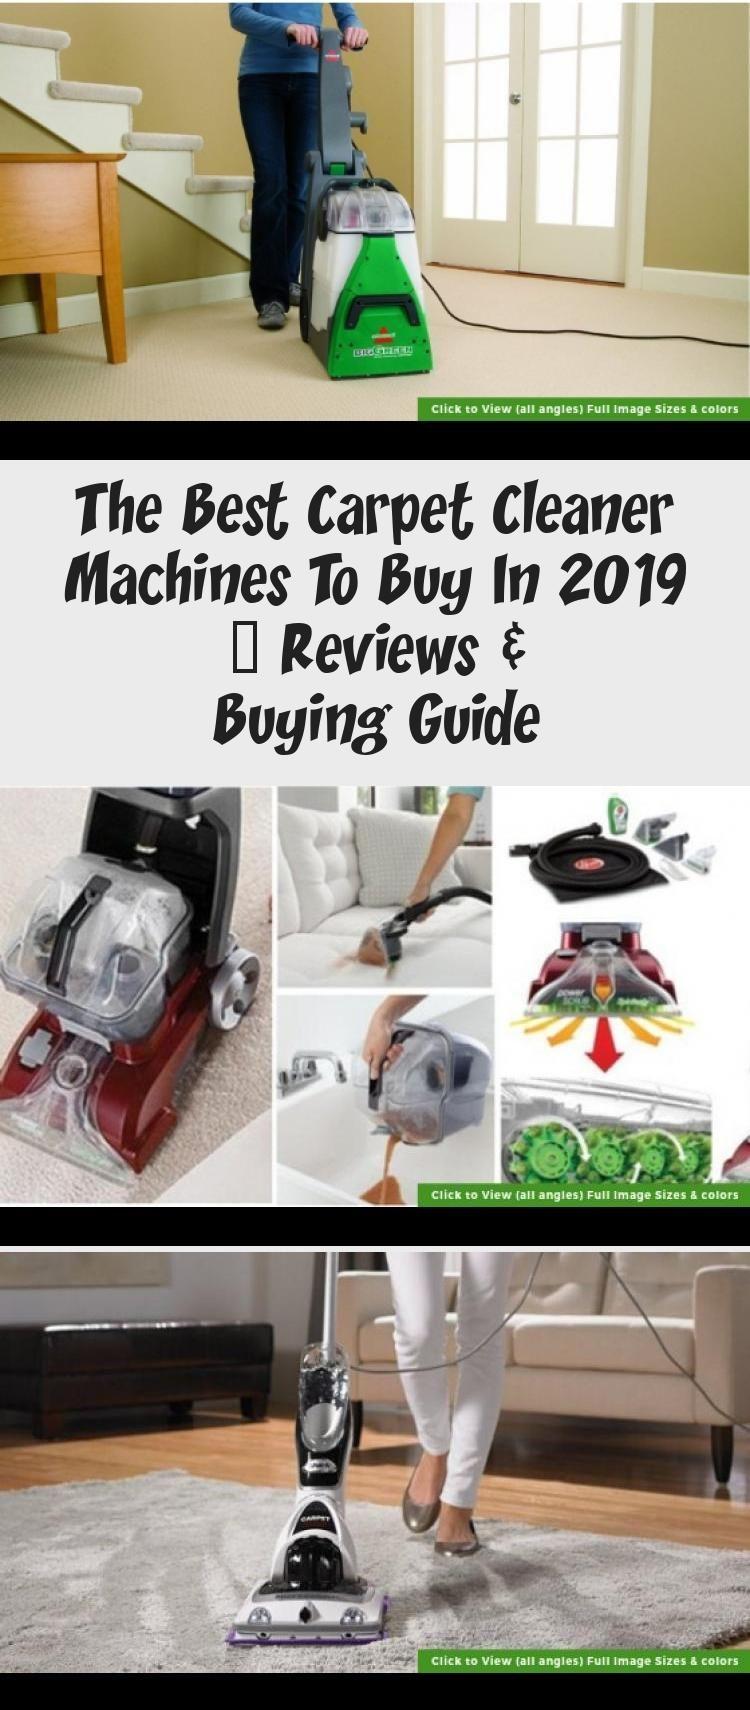 Bestbewertete Teppichreiniger Zum Kaufen Carpetcleanerwithawesome Carpetcleanerrental Top Rated Carpet Cleaners Best Carpet How To Clean Carpet